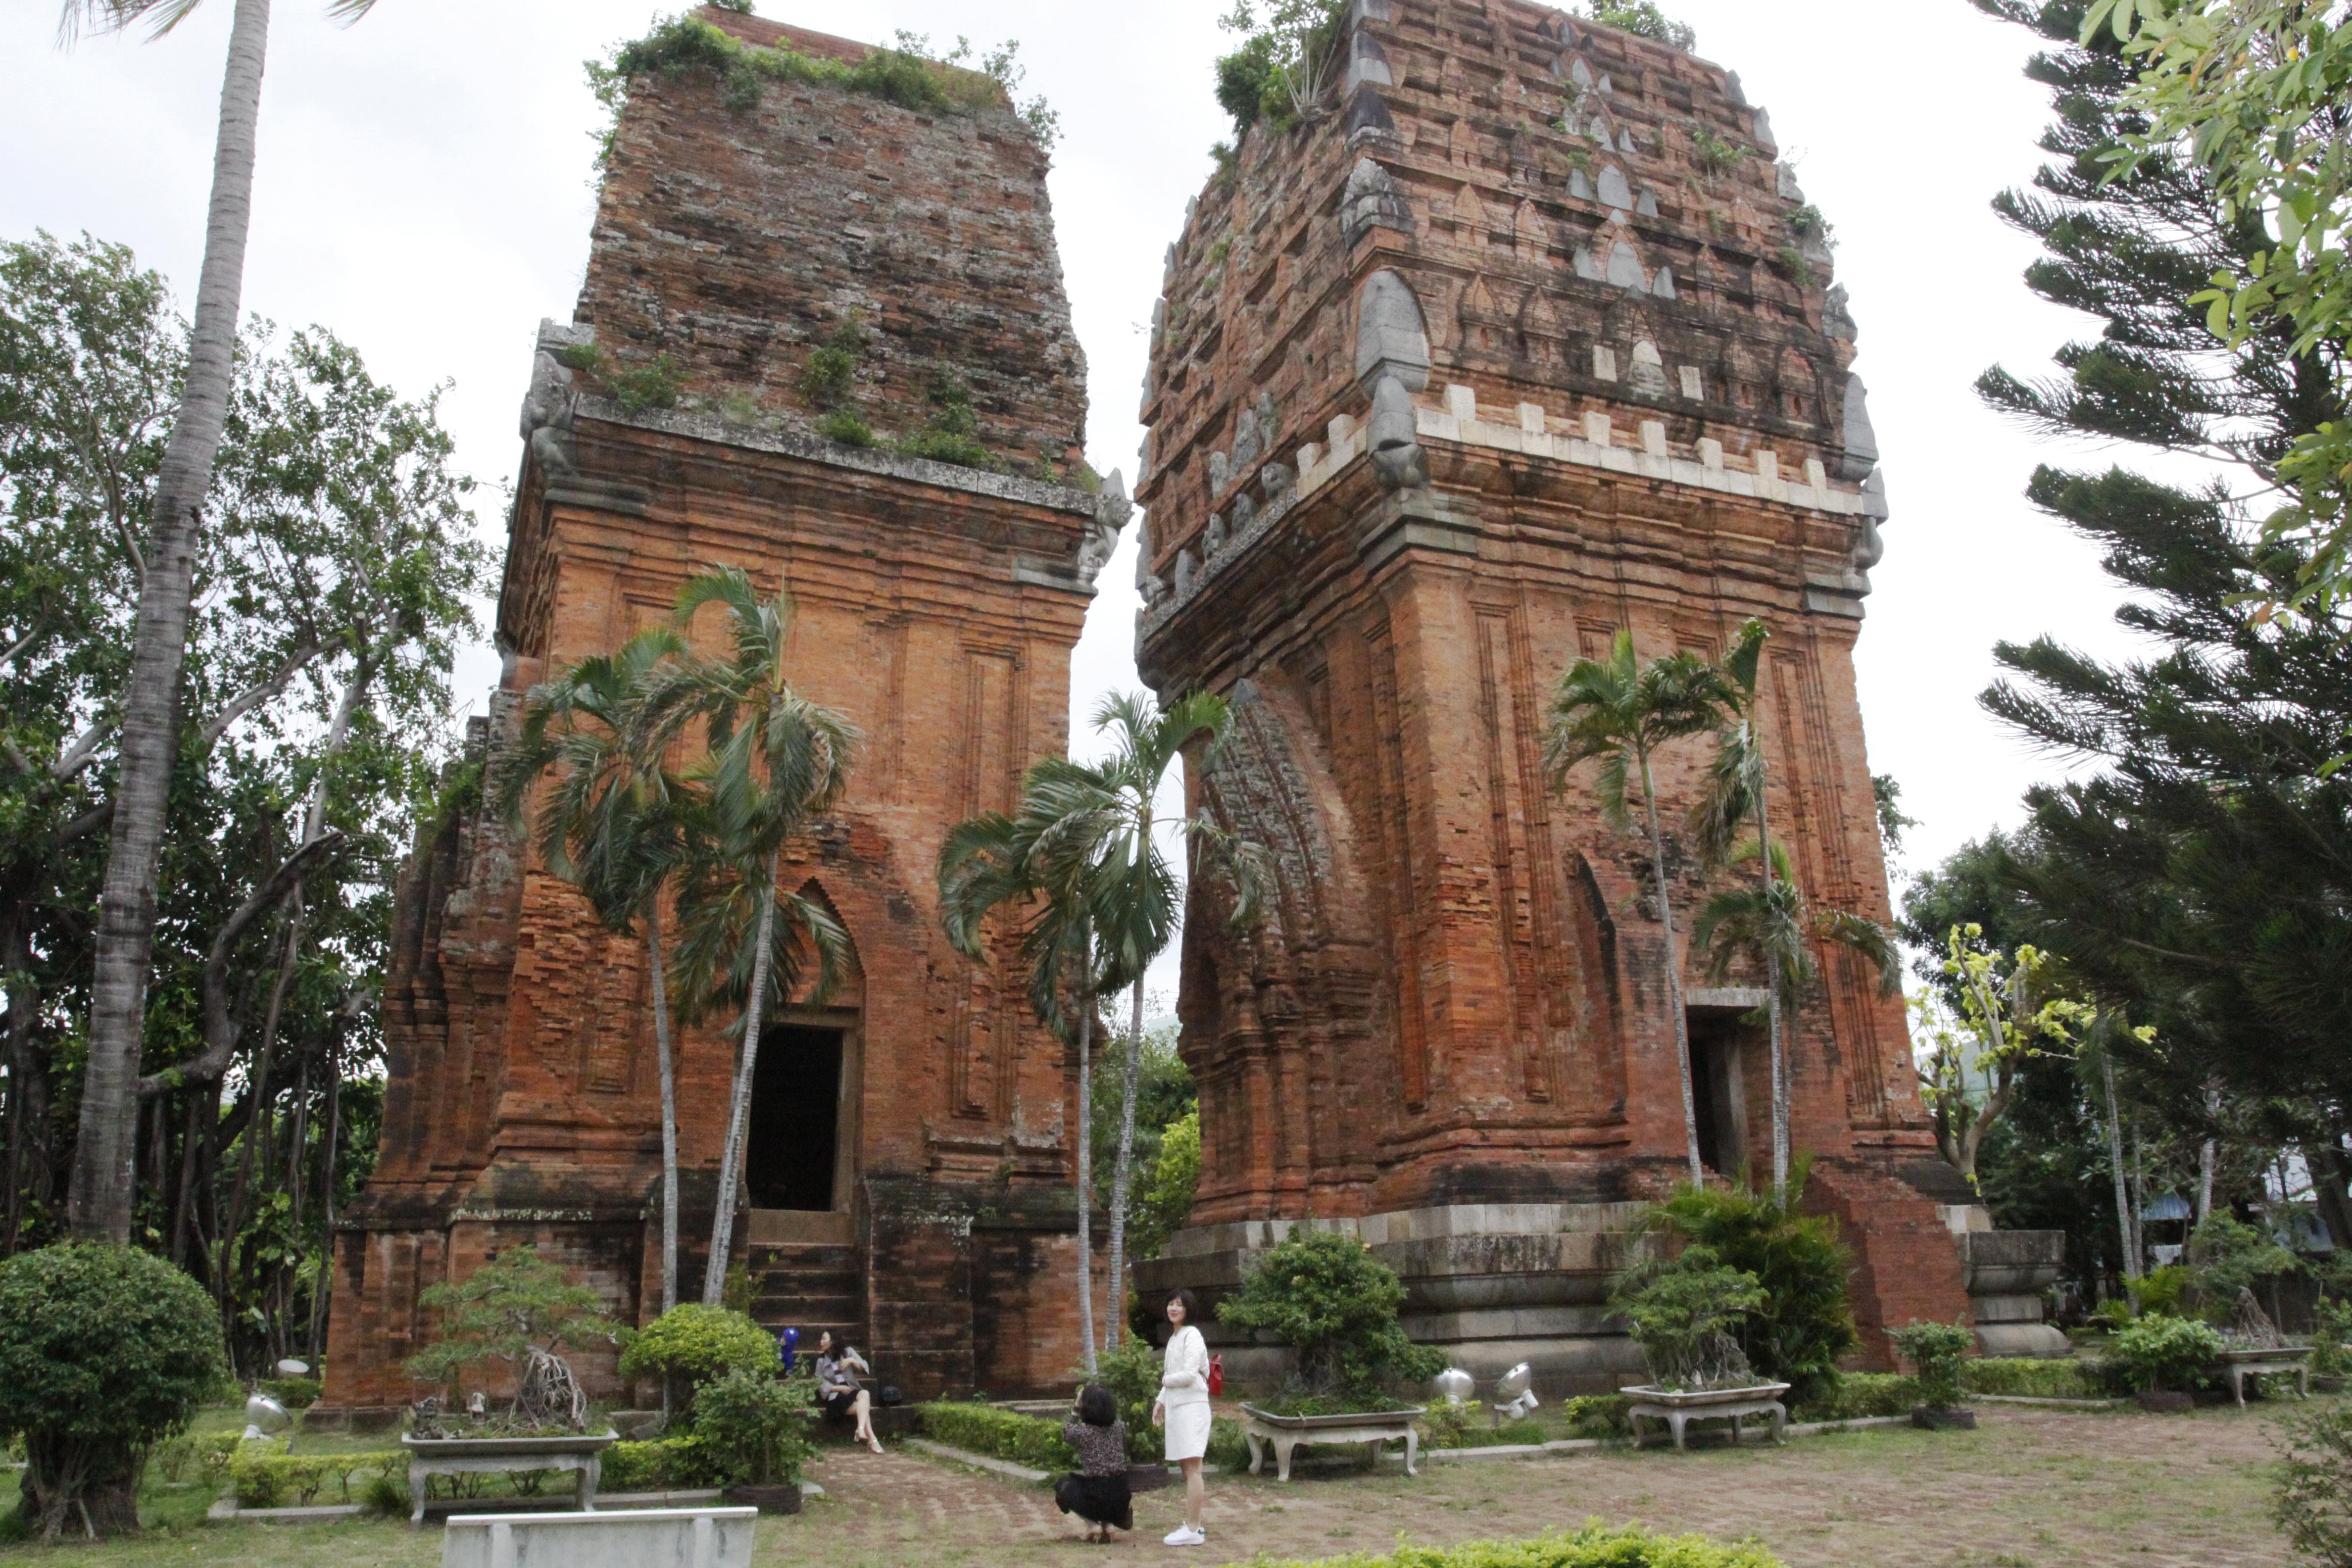 Với kiến trúc độc đáo và còn khá nguyên vẹn, Tháp Đôi (thuộc tỉnh Bình Định) được nhiều du khách chọn đến thăm quan, thưởng ngoạn có dịp đến Bình Định